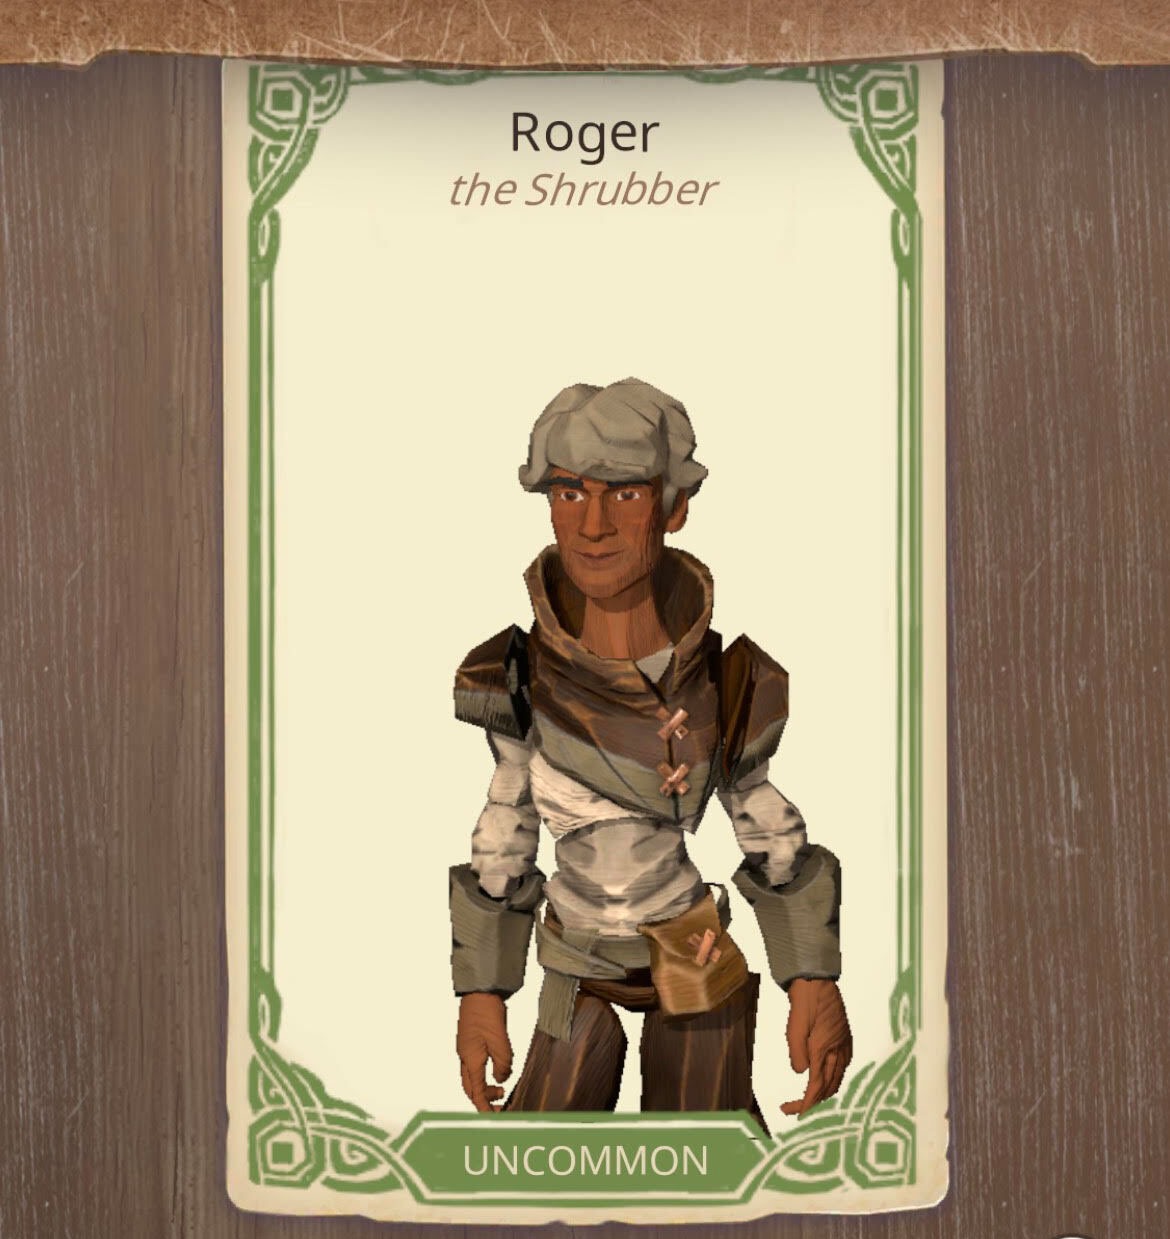 Roger2.jpg